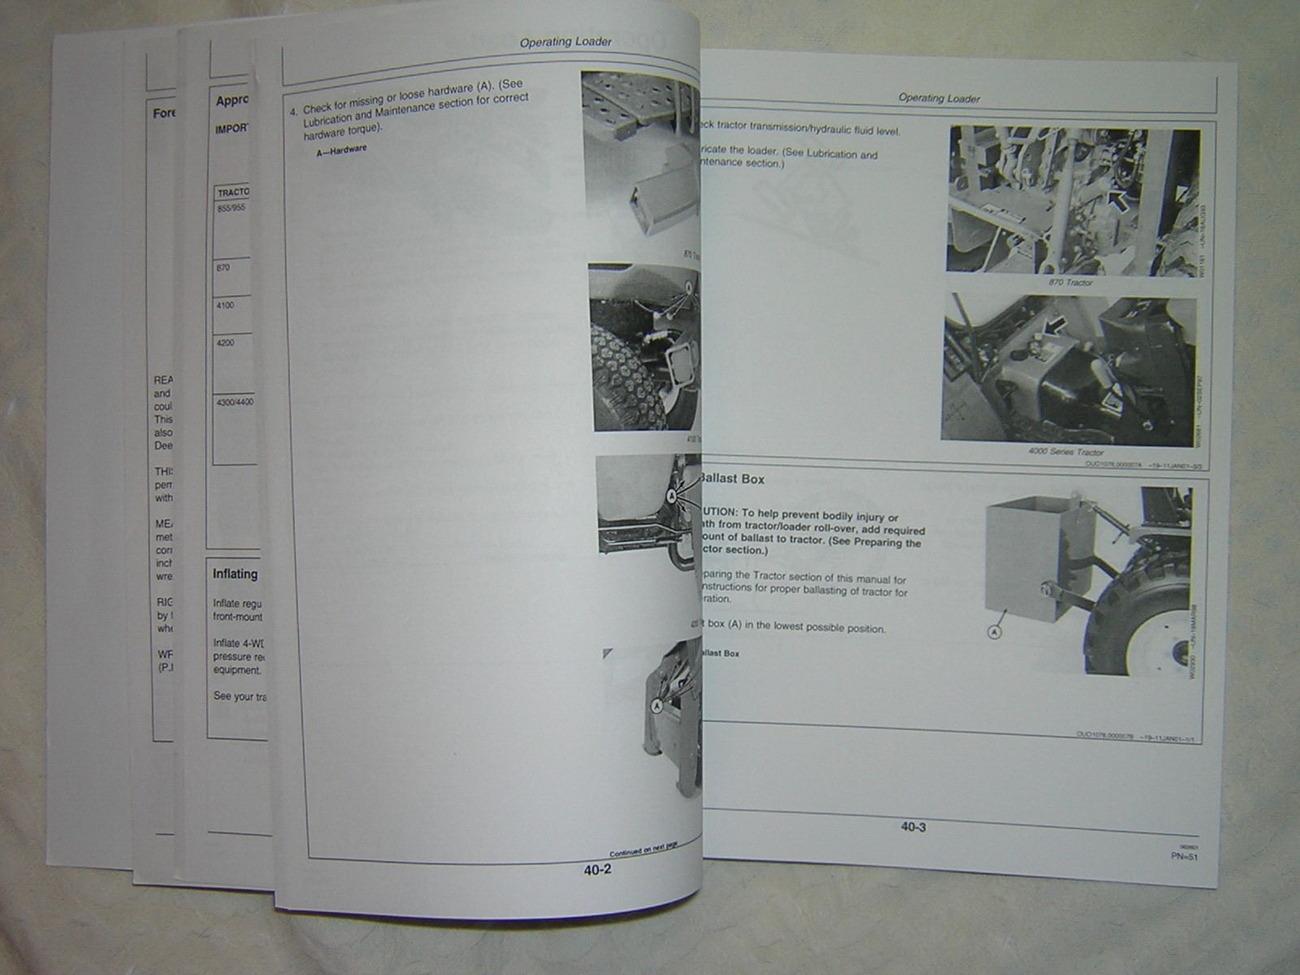 John Deere 410 (Serial No. 8802-) and 420 (Serial No. 13055-) Loaders Operator